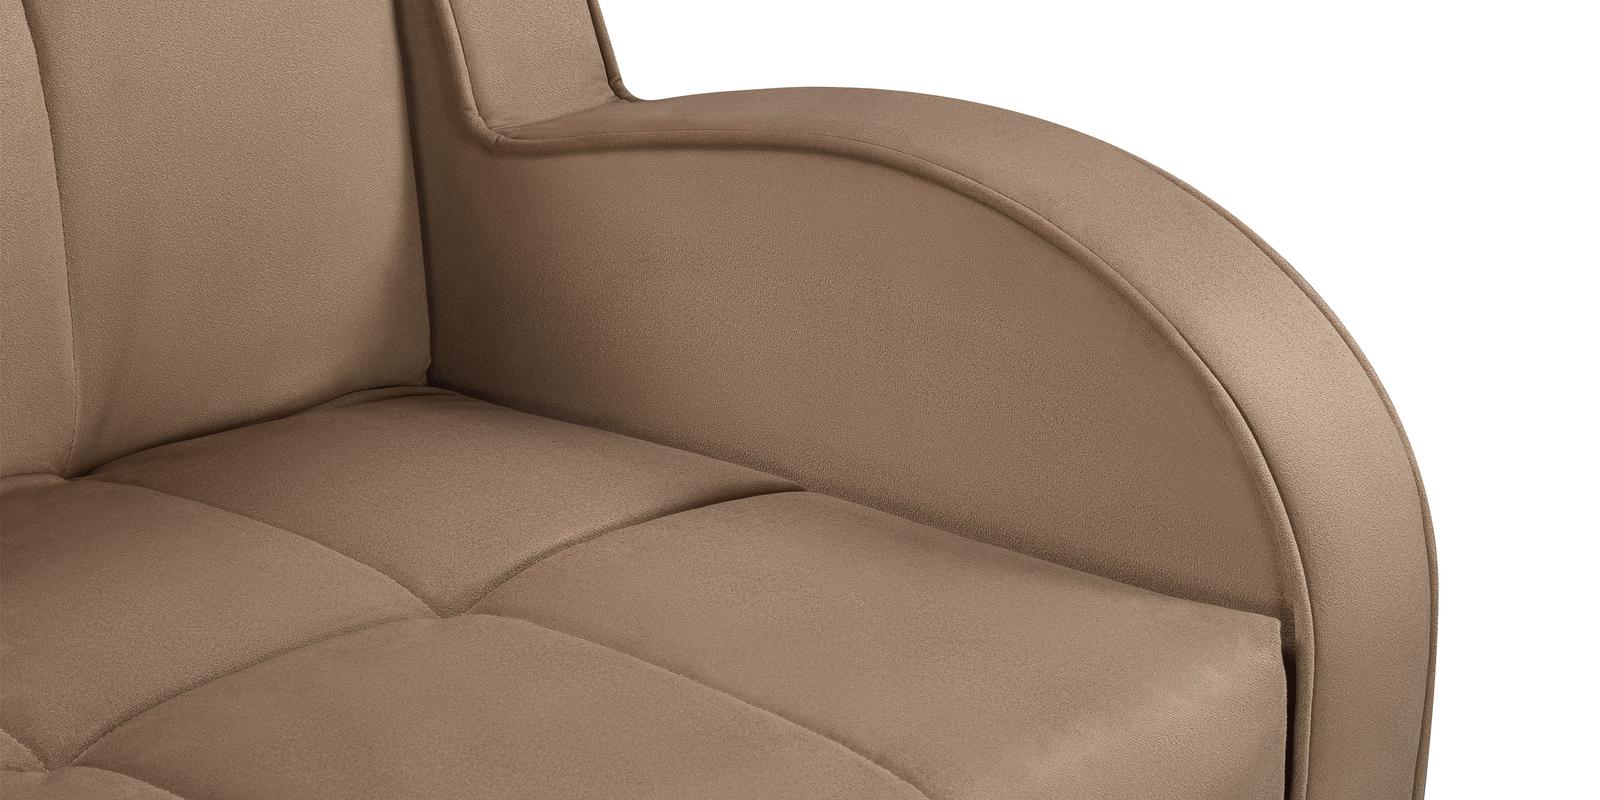 Кресло тканевое Барон Velure коричневый (Велюр) от HomeMe.ru